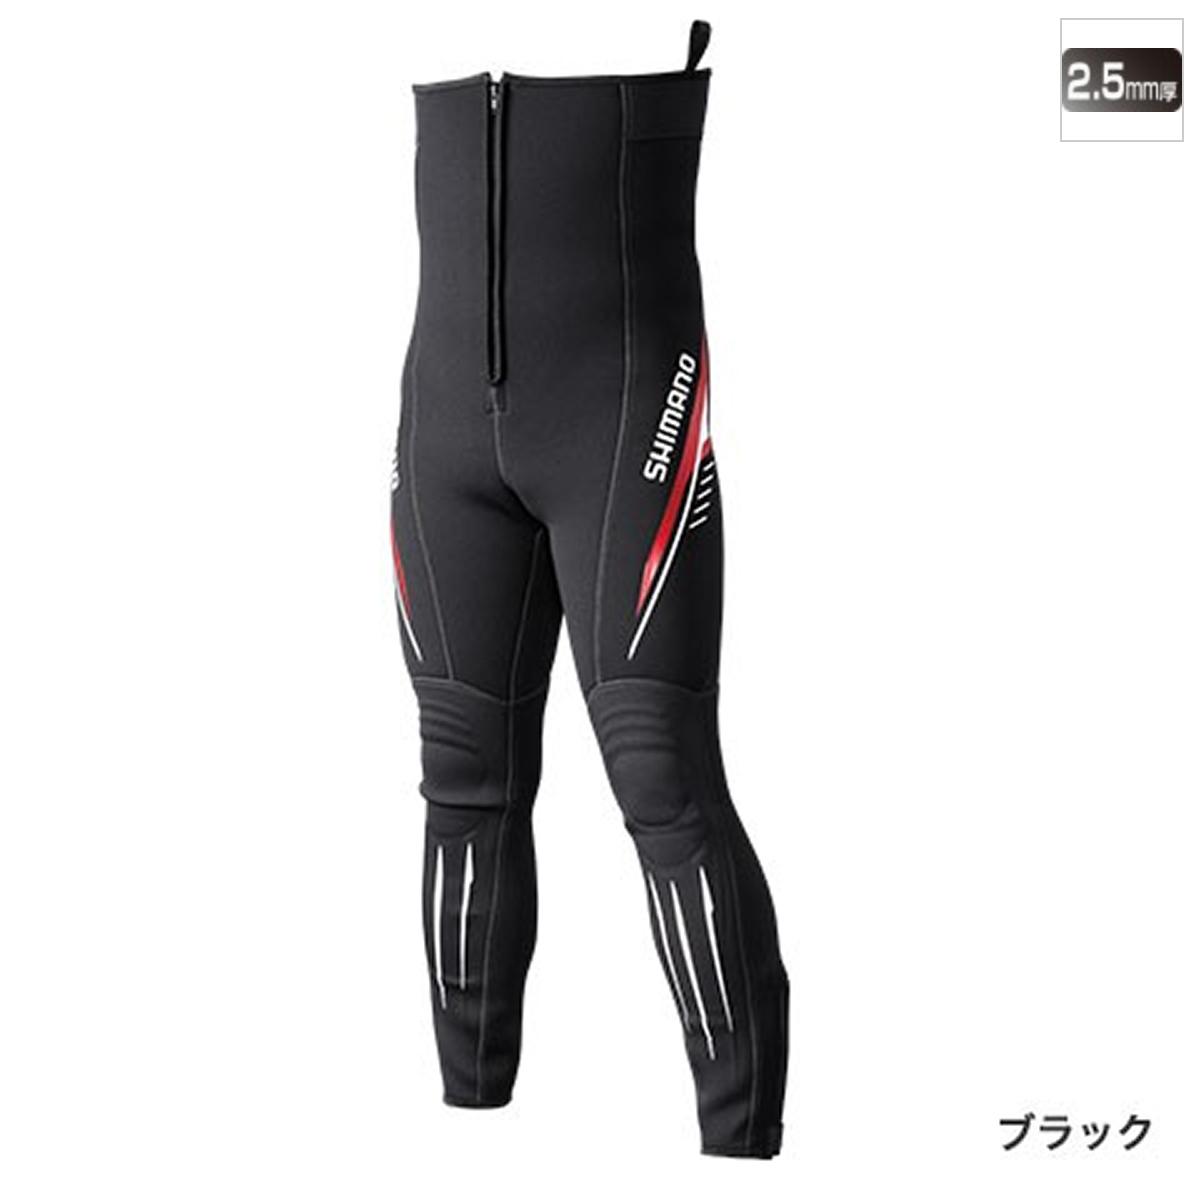 シマノ 鮎タイツT-2.5 TI-071Q LLB ブラック